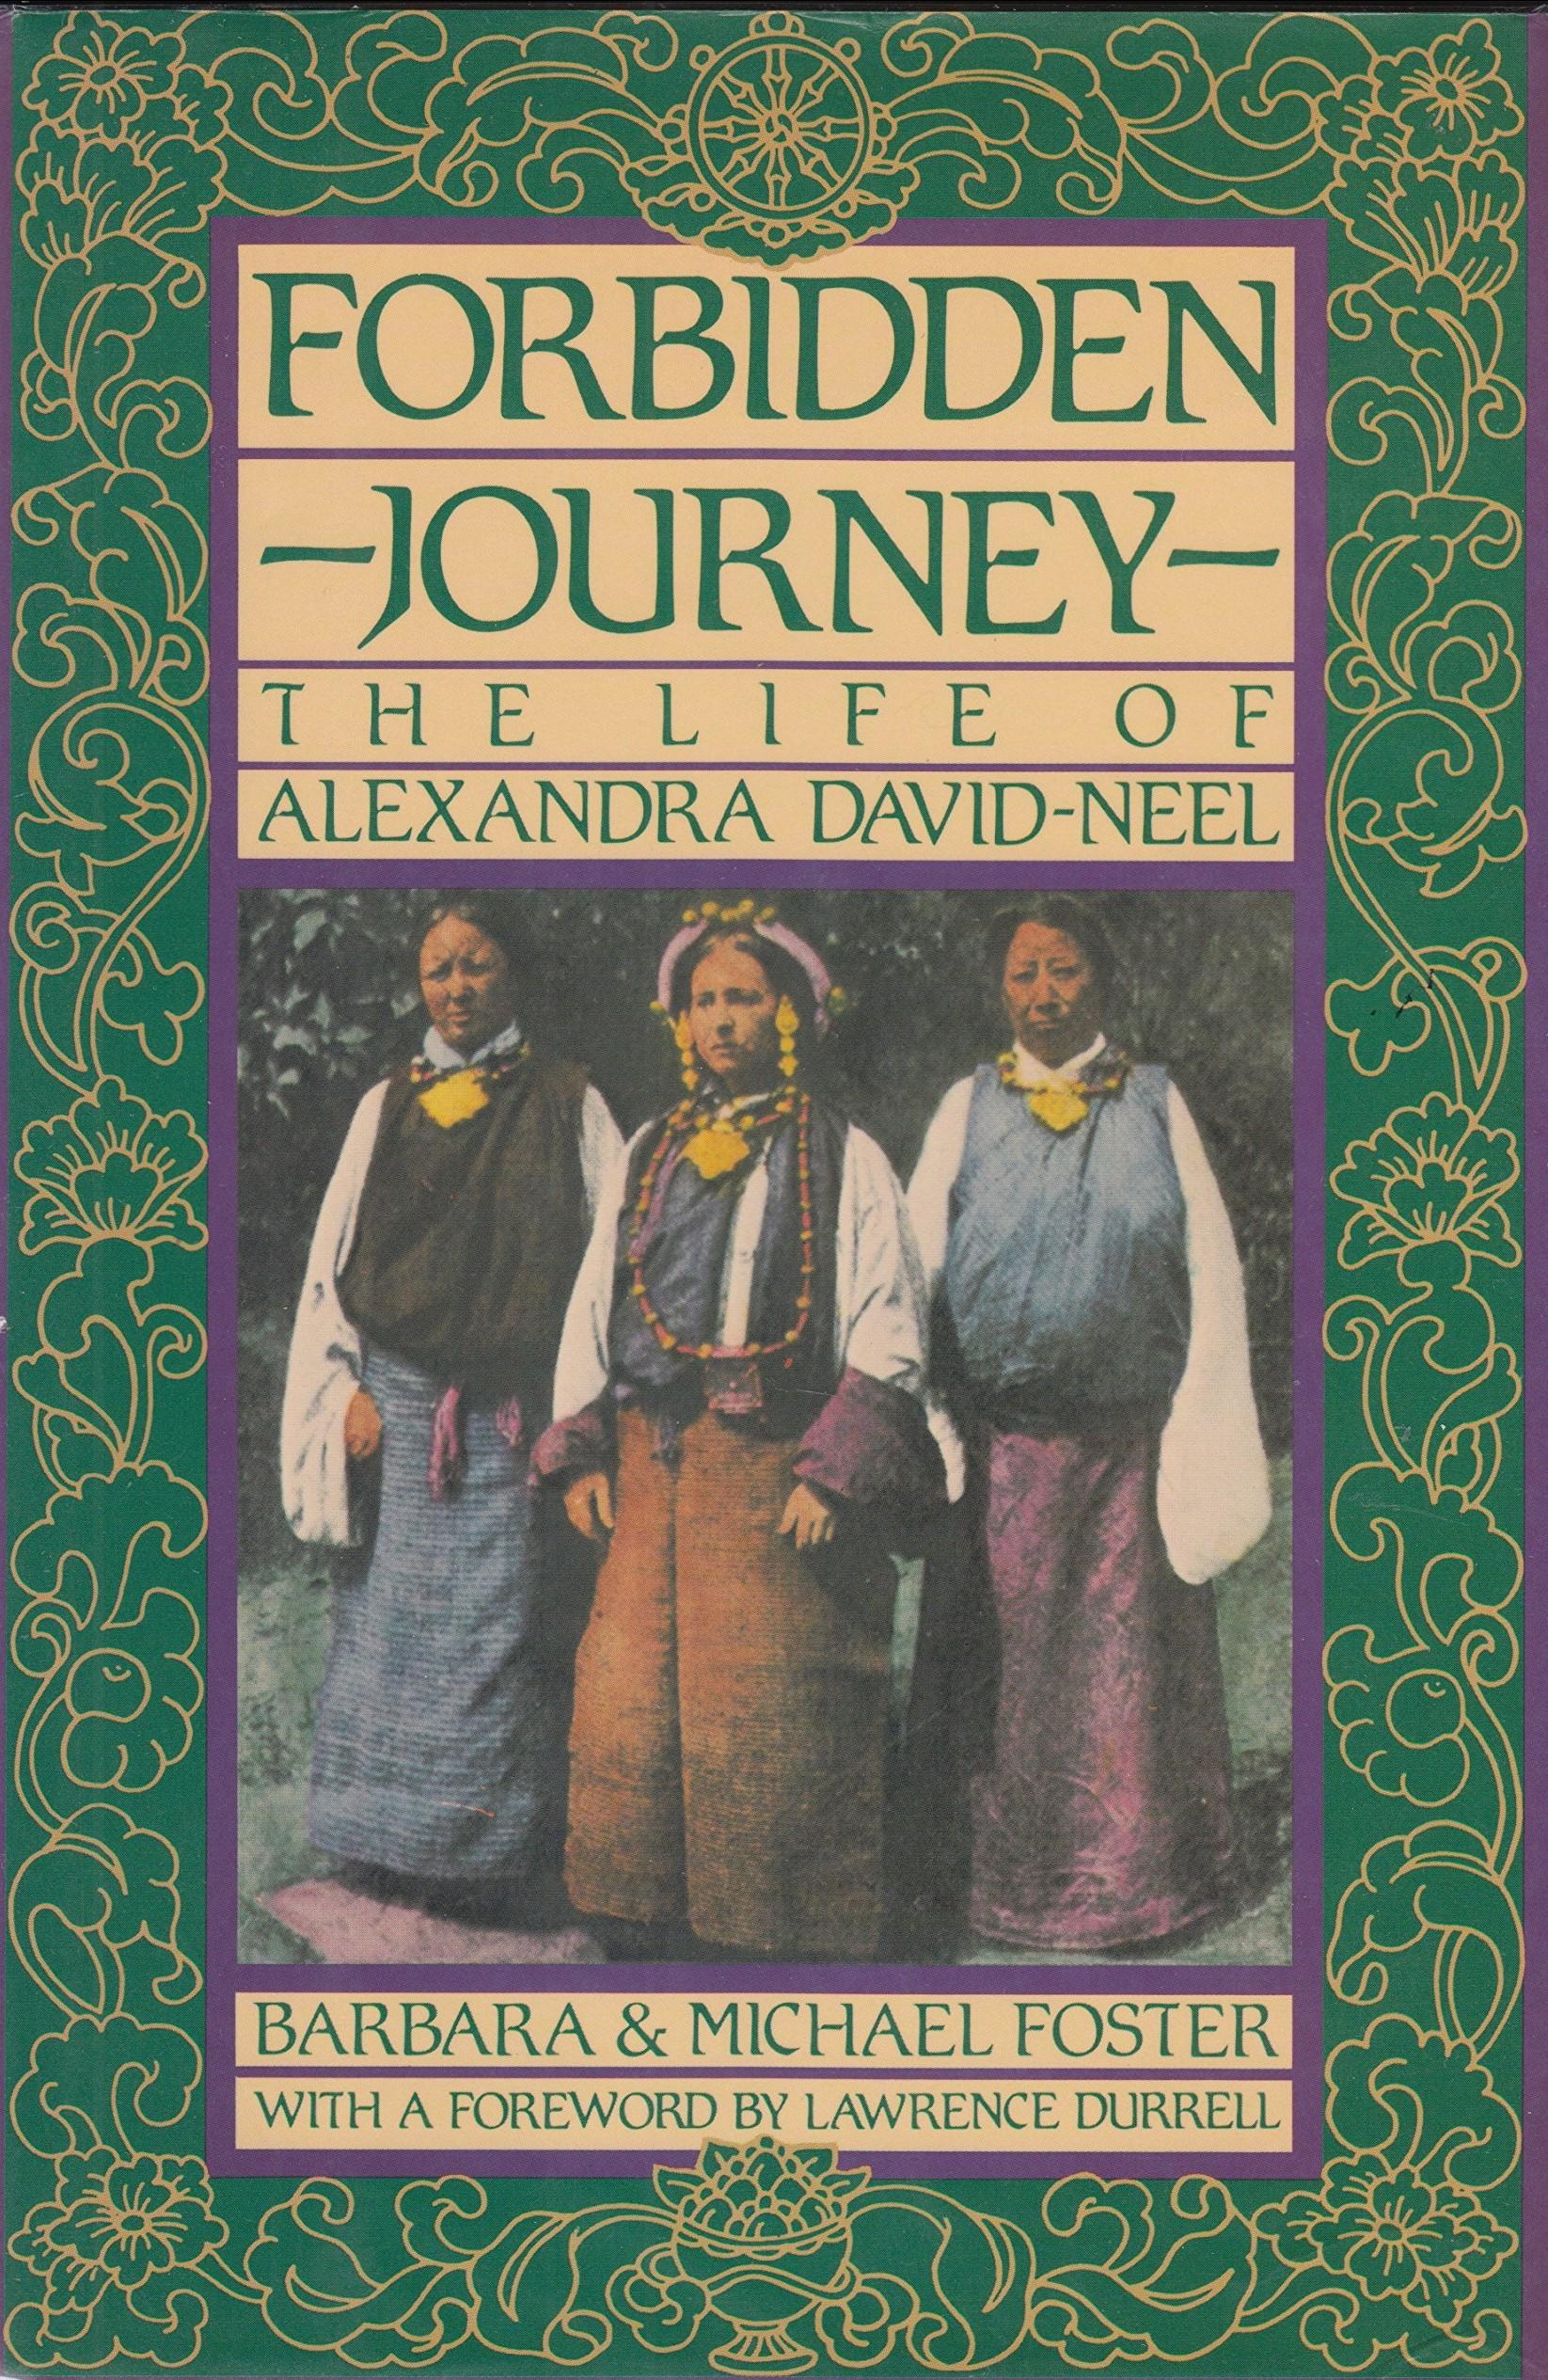 Foster Forbidden Journey cover art